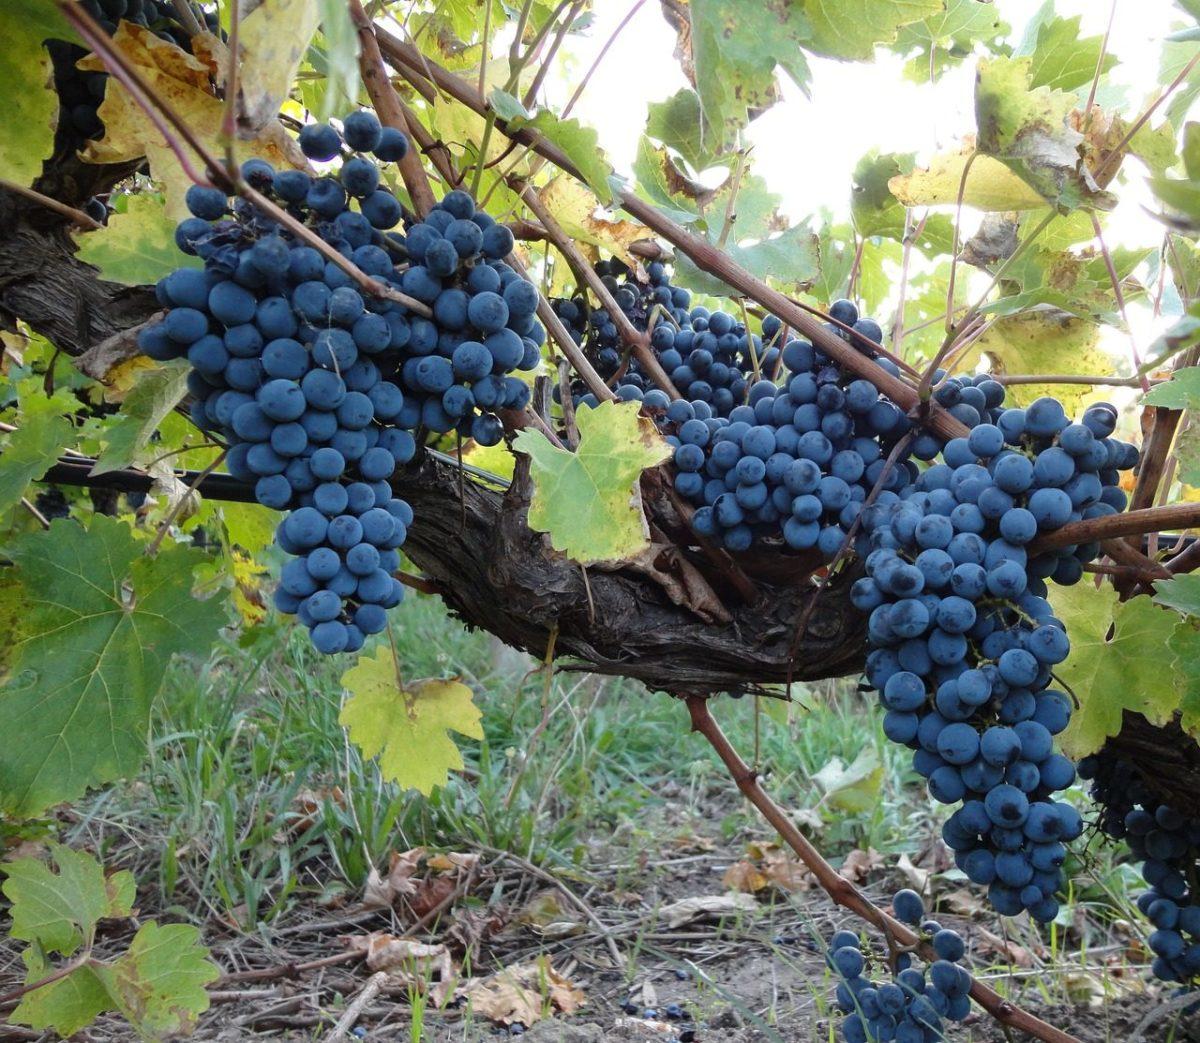 La carta dei vini della Strattoria, trattoria/ristorante ad Arona sul Lago Maggiore con etichette di pregio e prodotti tipici del territorio